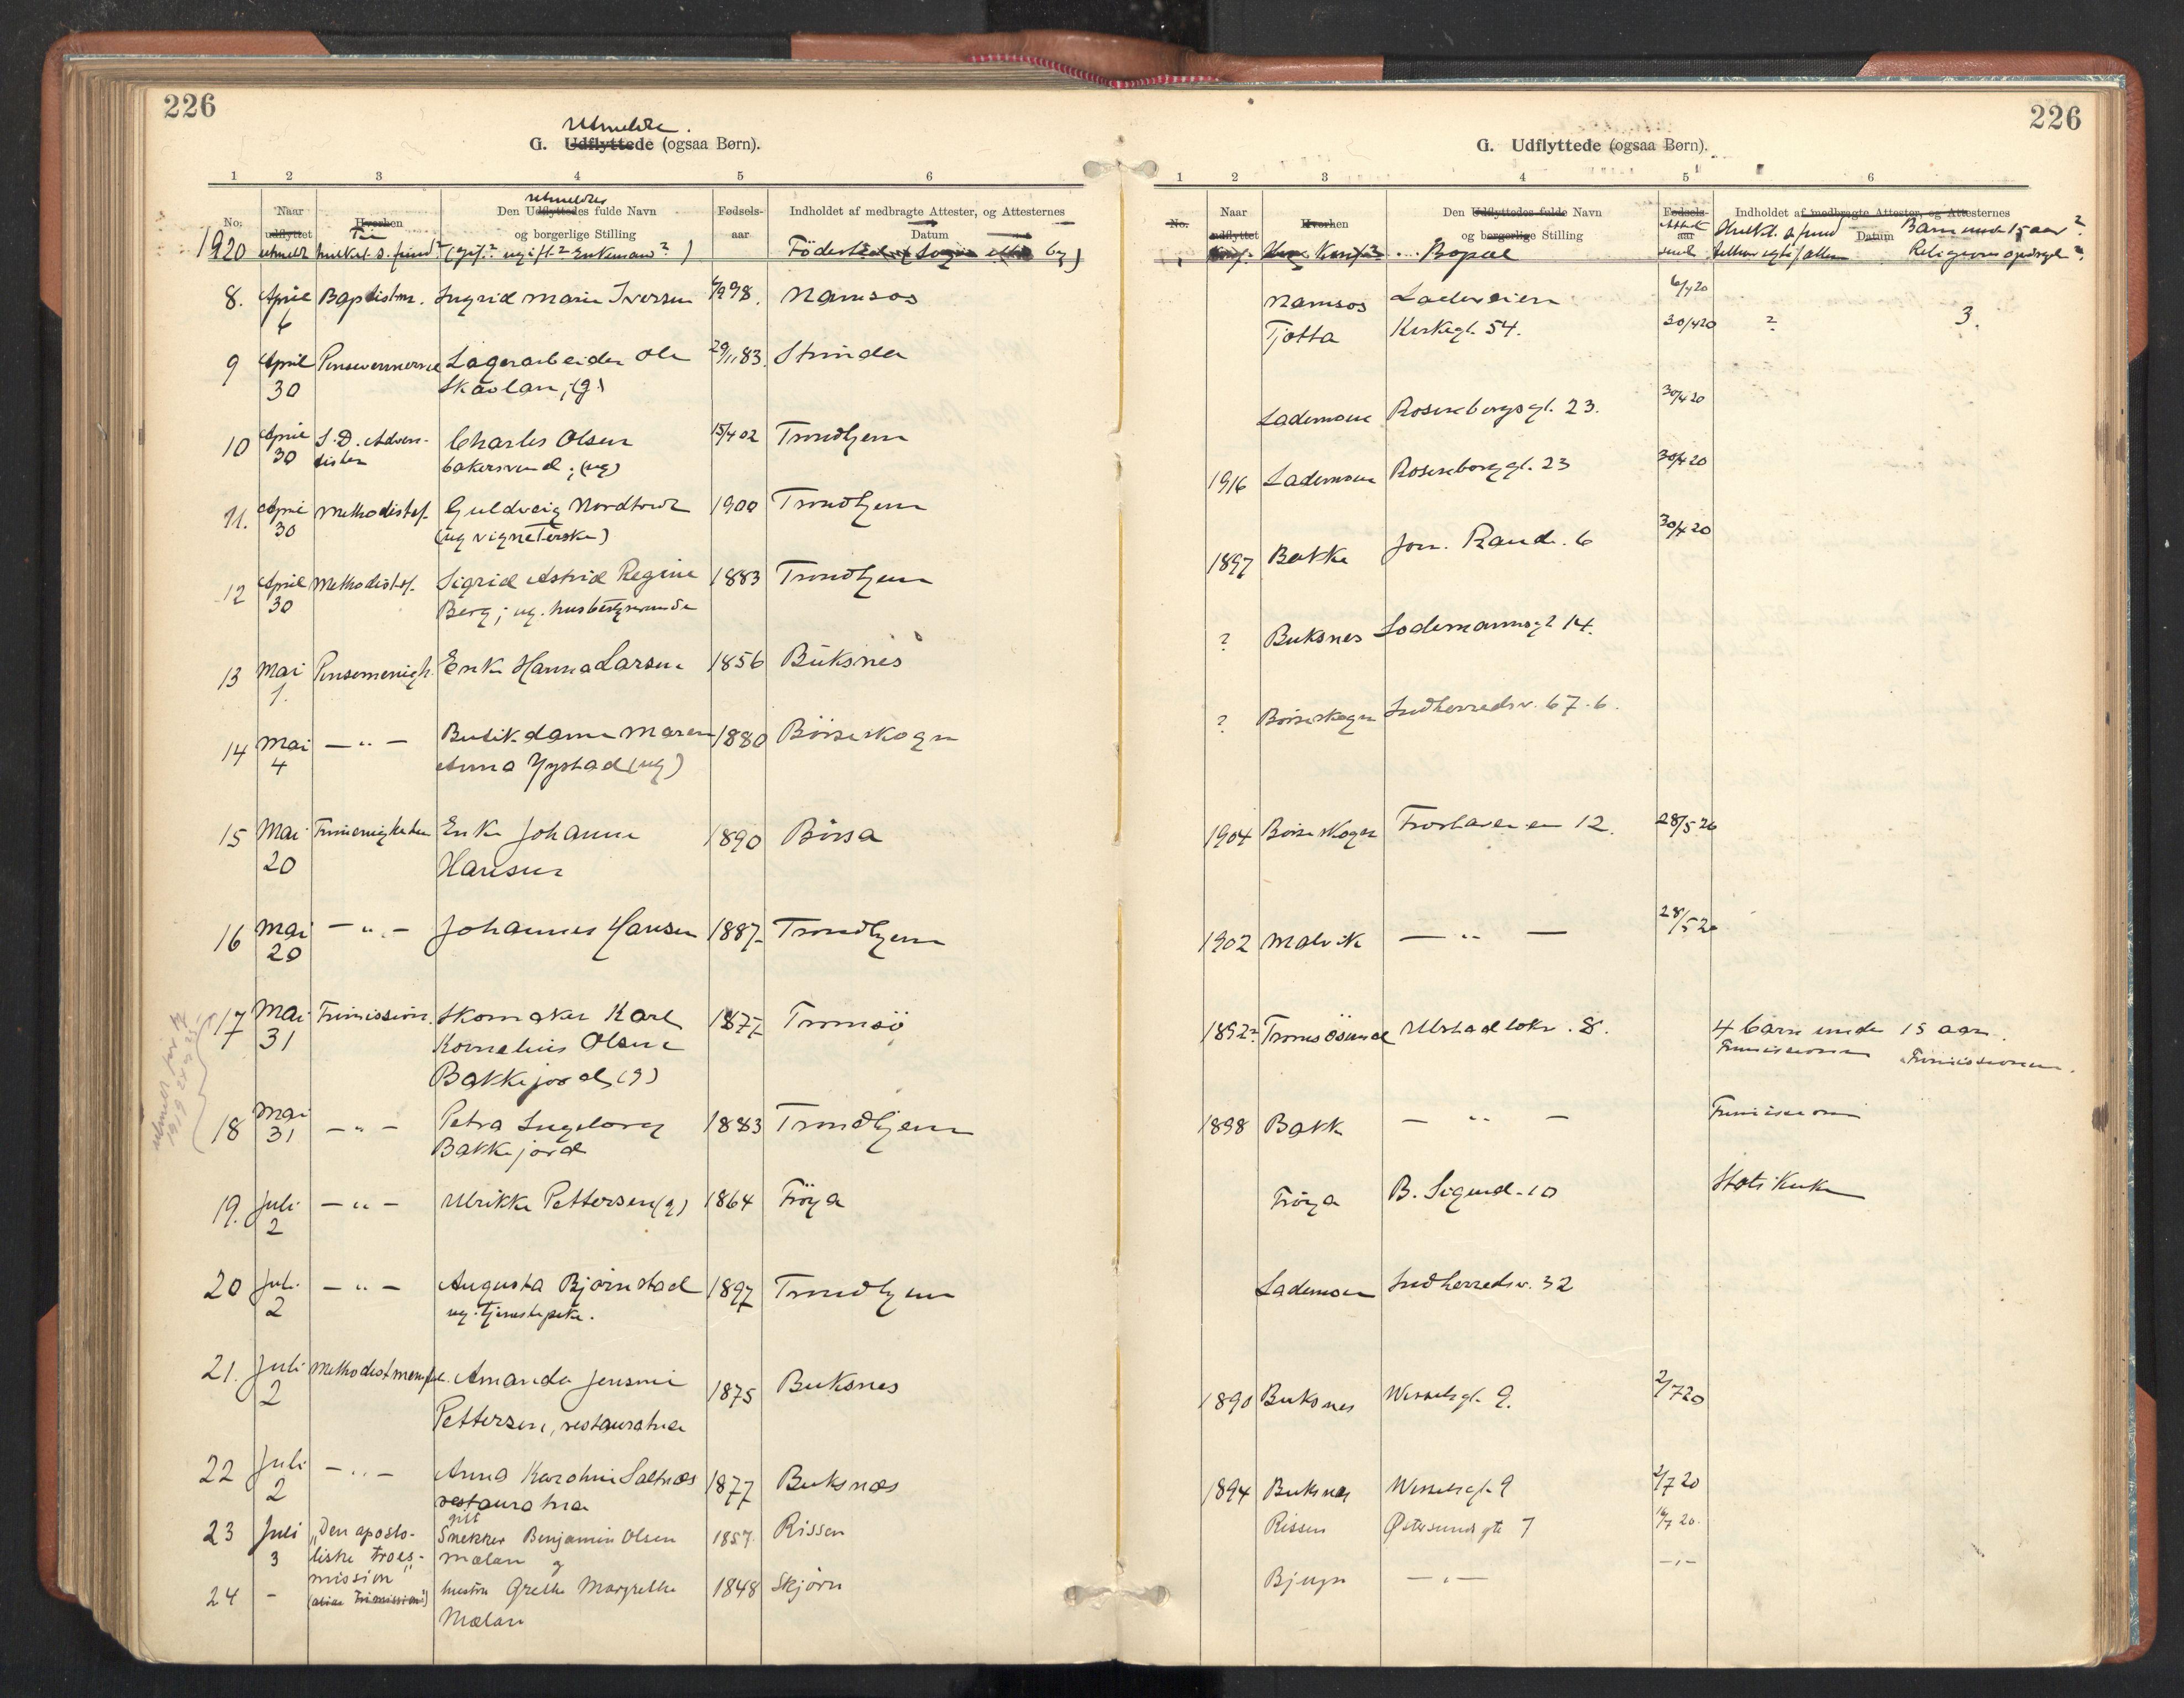 SAT, Ministerialprotokoller, klokkerbøker og fødselsregistre - Sør-Trøndelag, 605/L0244: Ministerialbok nr. 605A06, 1908-1954, s. 226